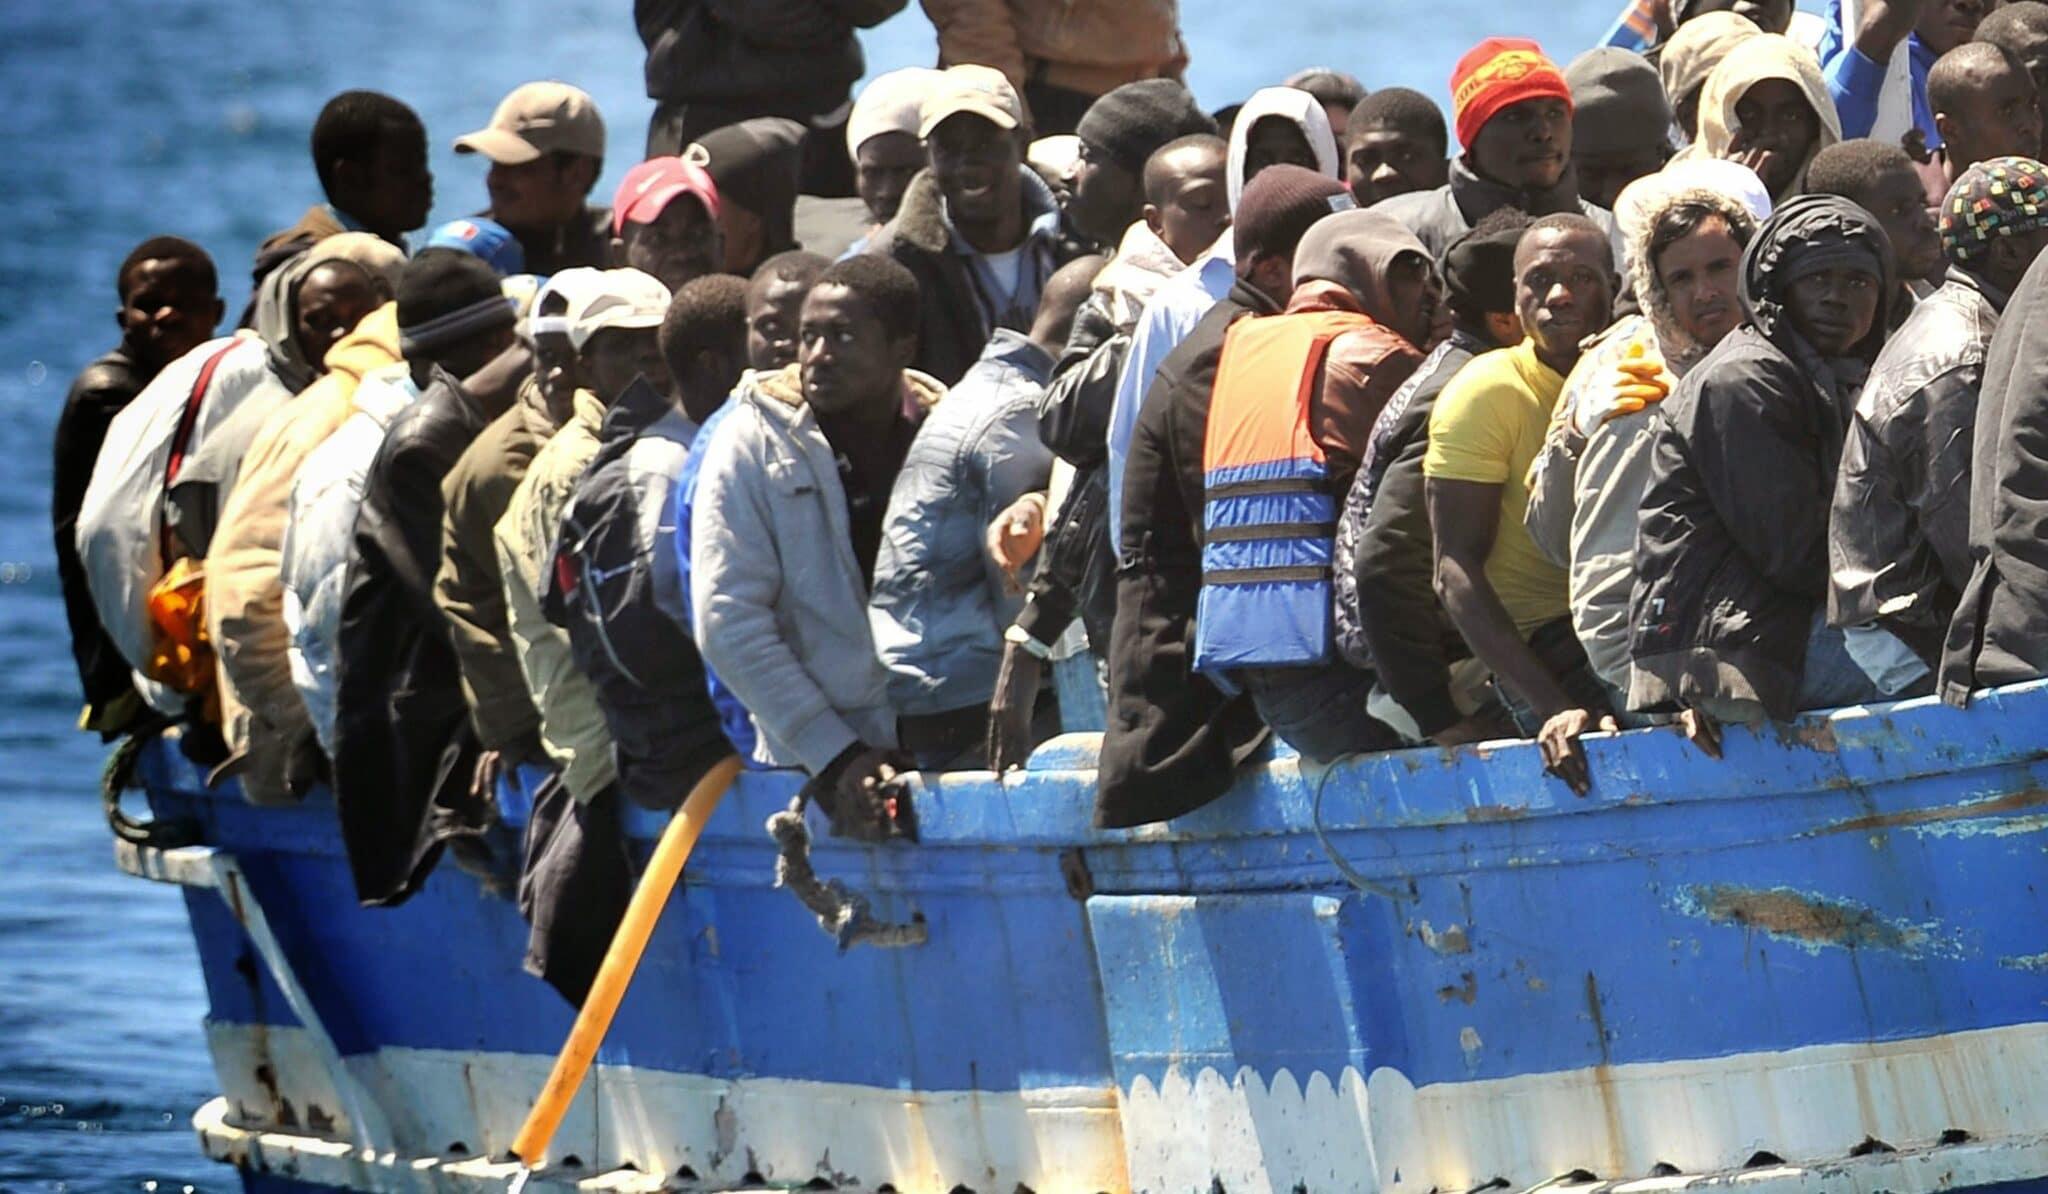 Il 90% di chi richiede il diritto di asilo non è profugo.<br> A certificarlo sono magistratura e Viminale, non presunti razzisti